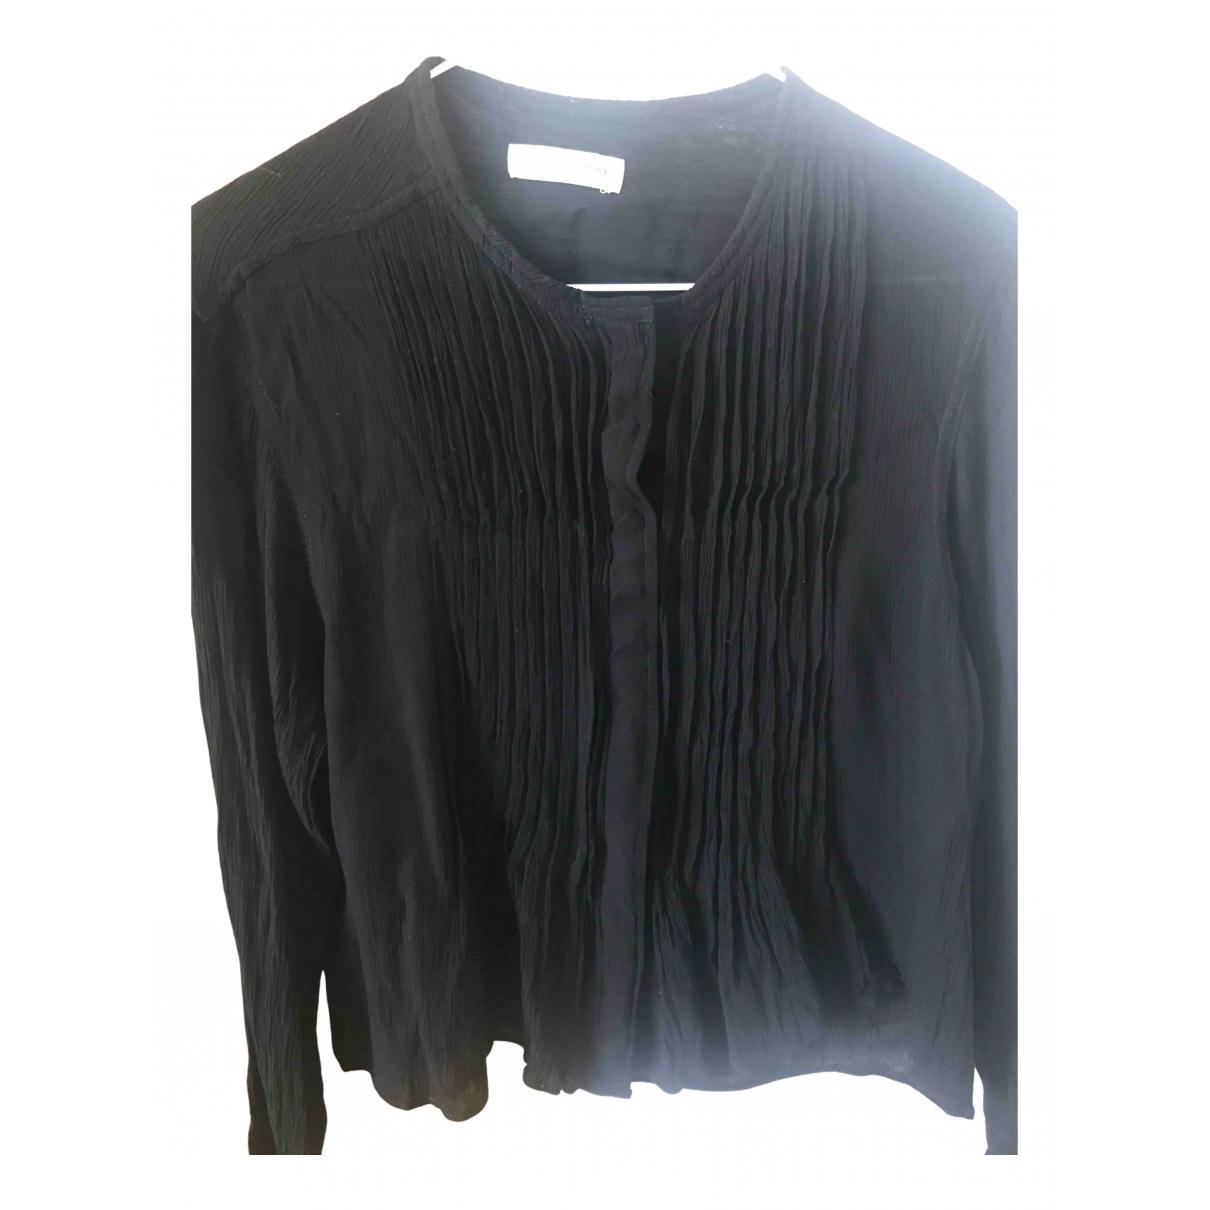 Isabel Marant Etoile \N Black  top for Women 36 FR